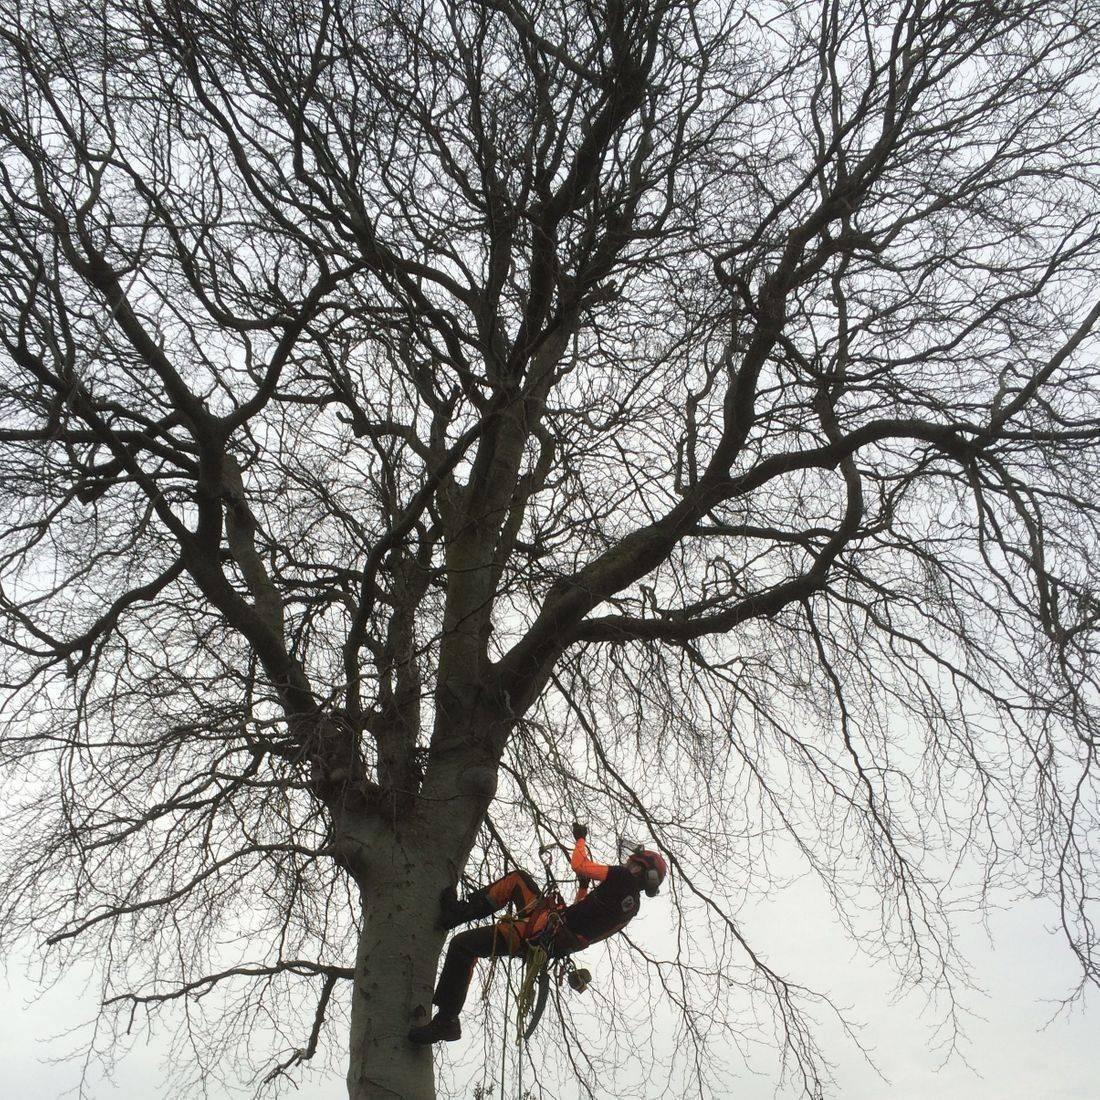 Tree Services North Devon